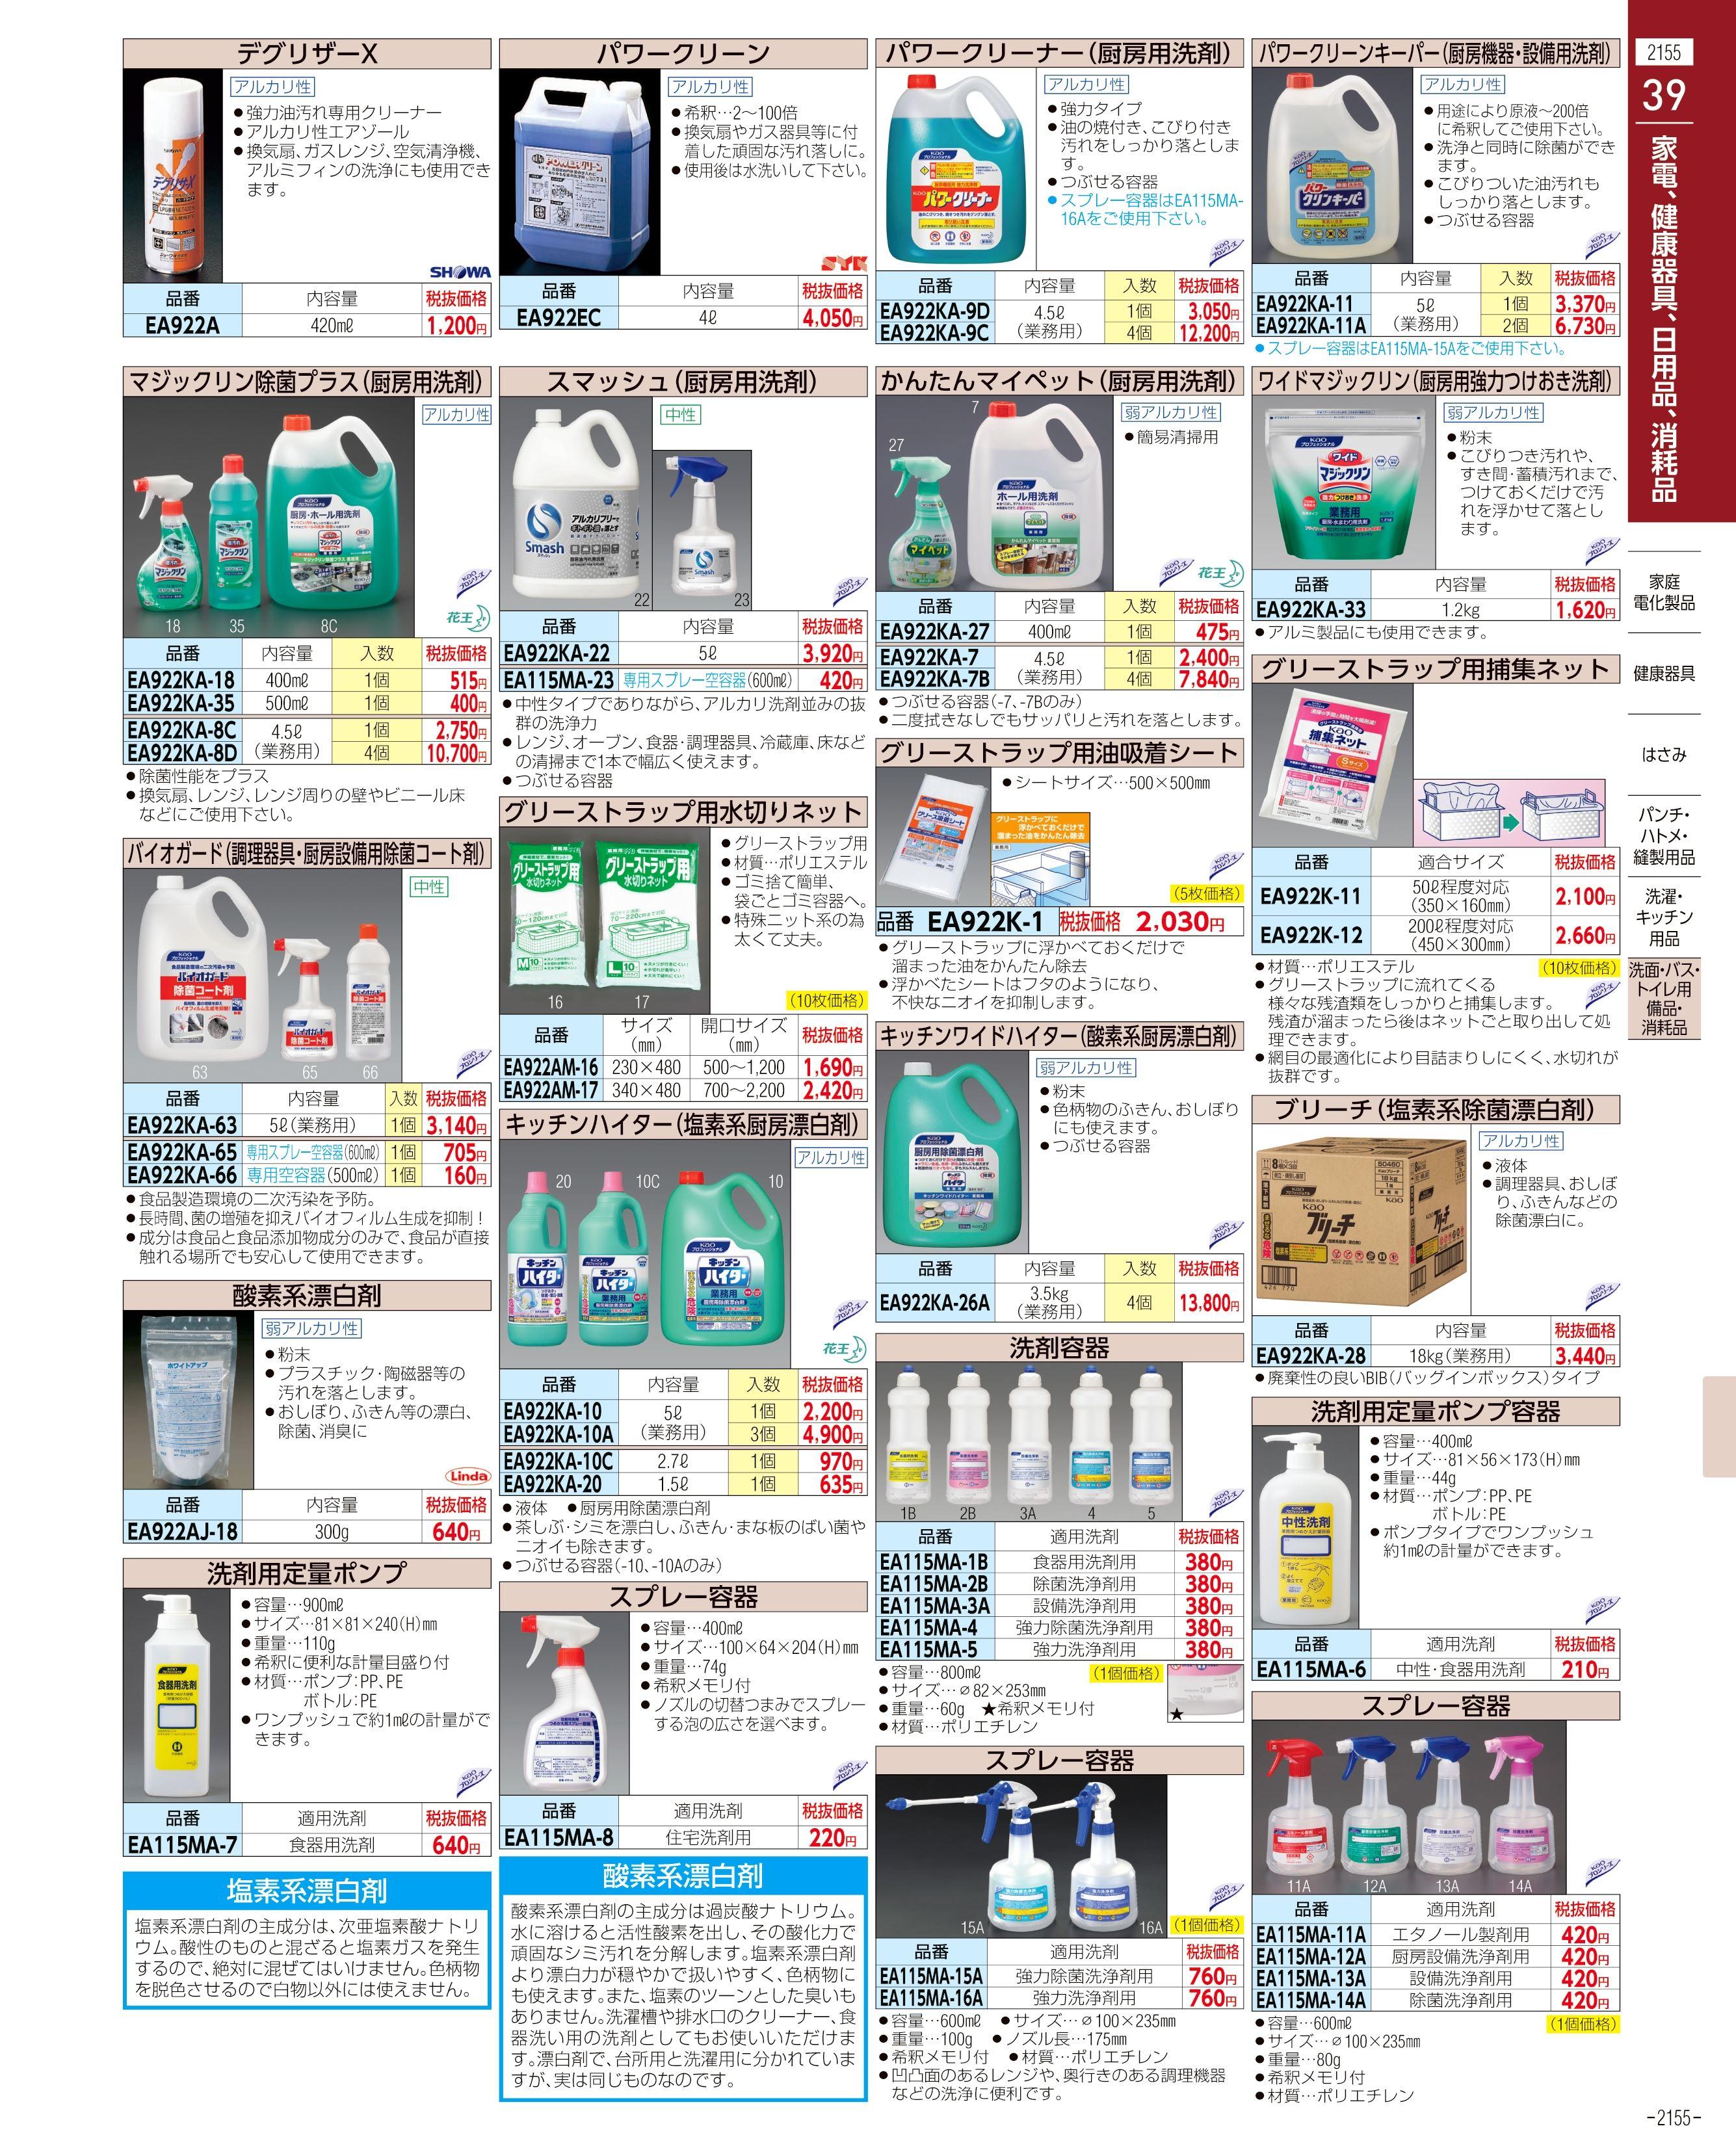 エスコ便利カタログ2155ページ